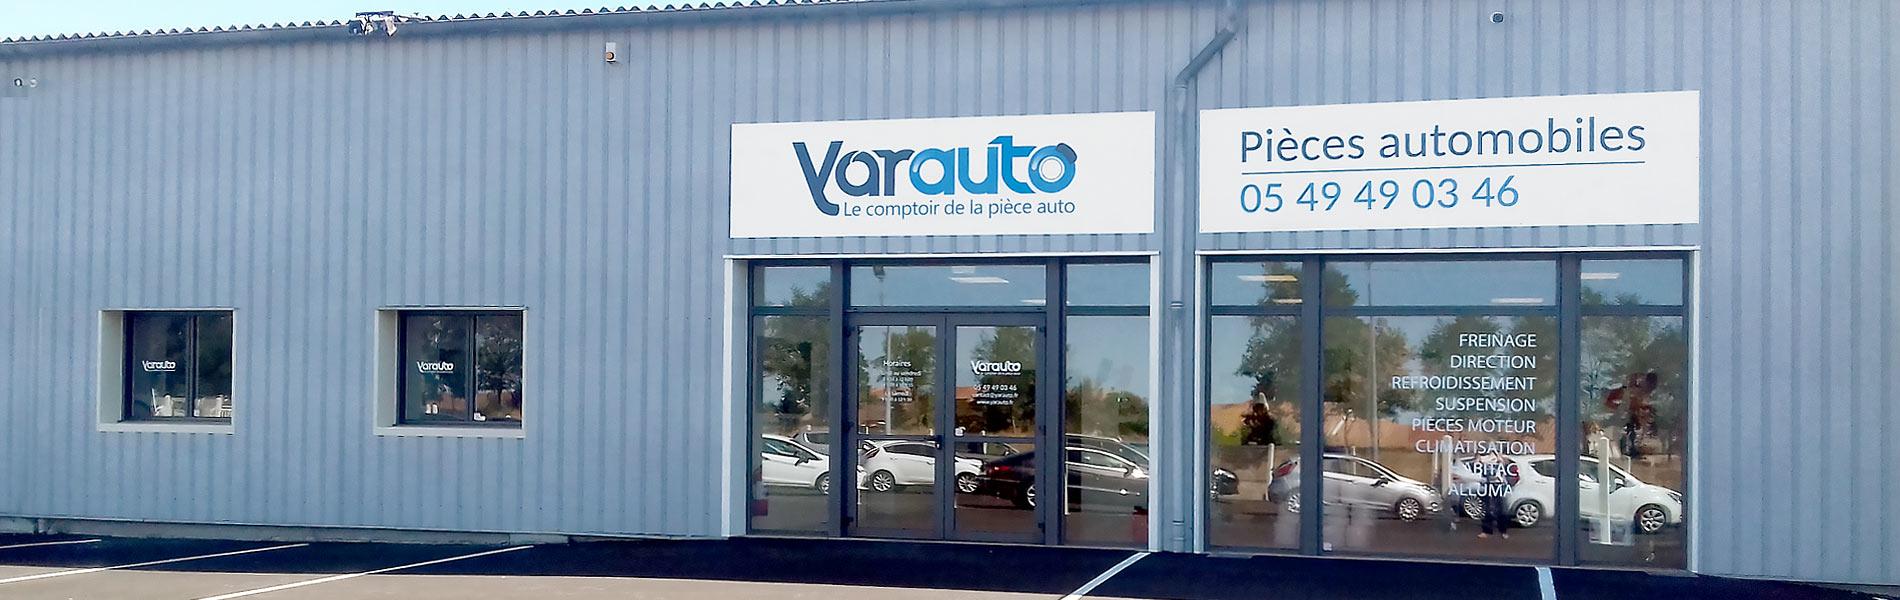 yarauto magasin